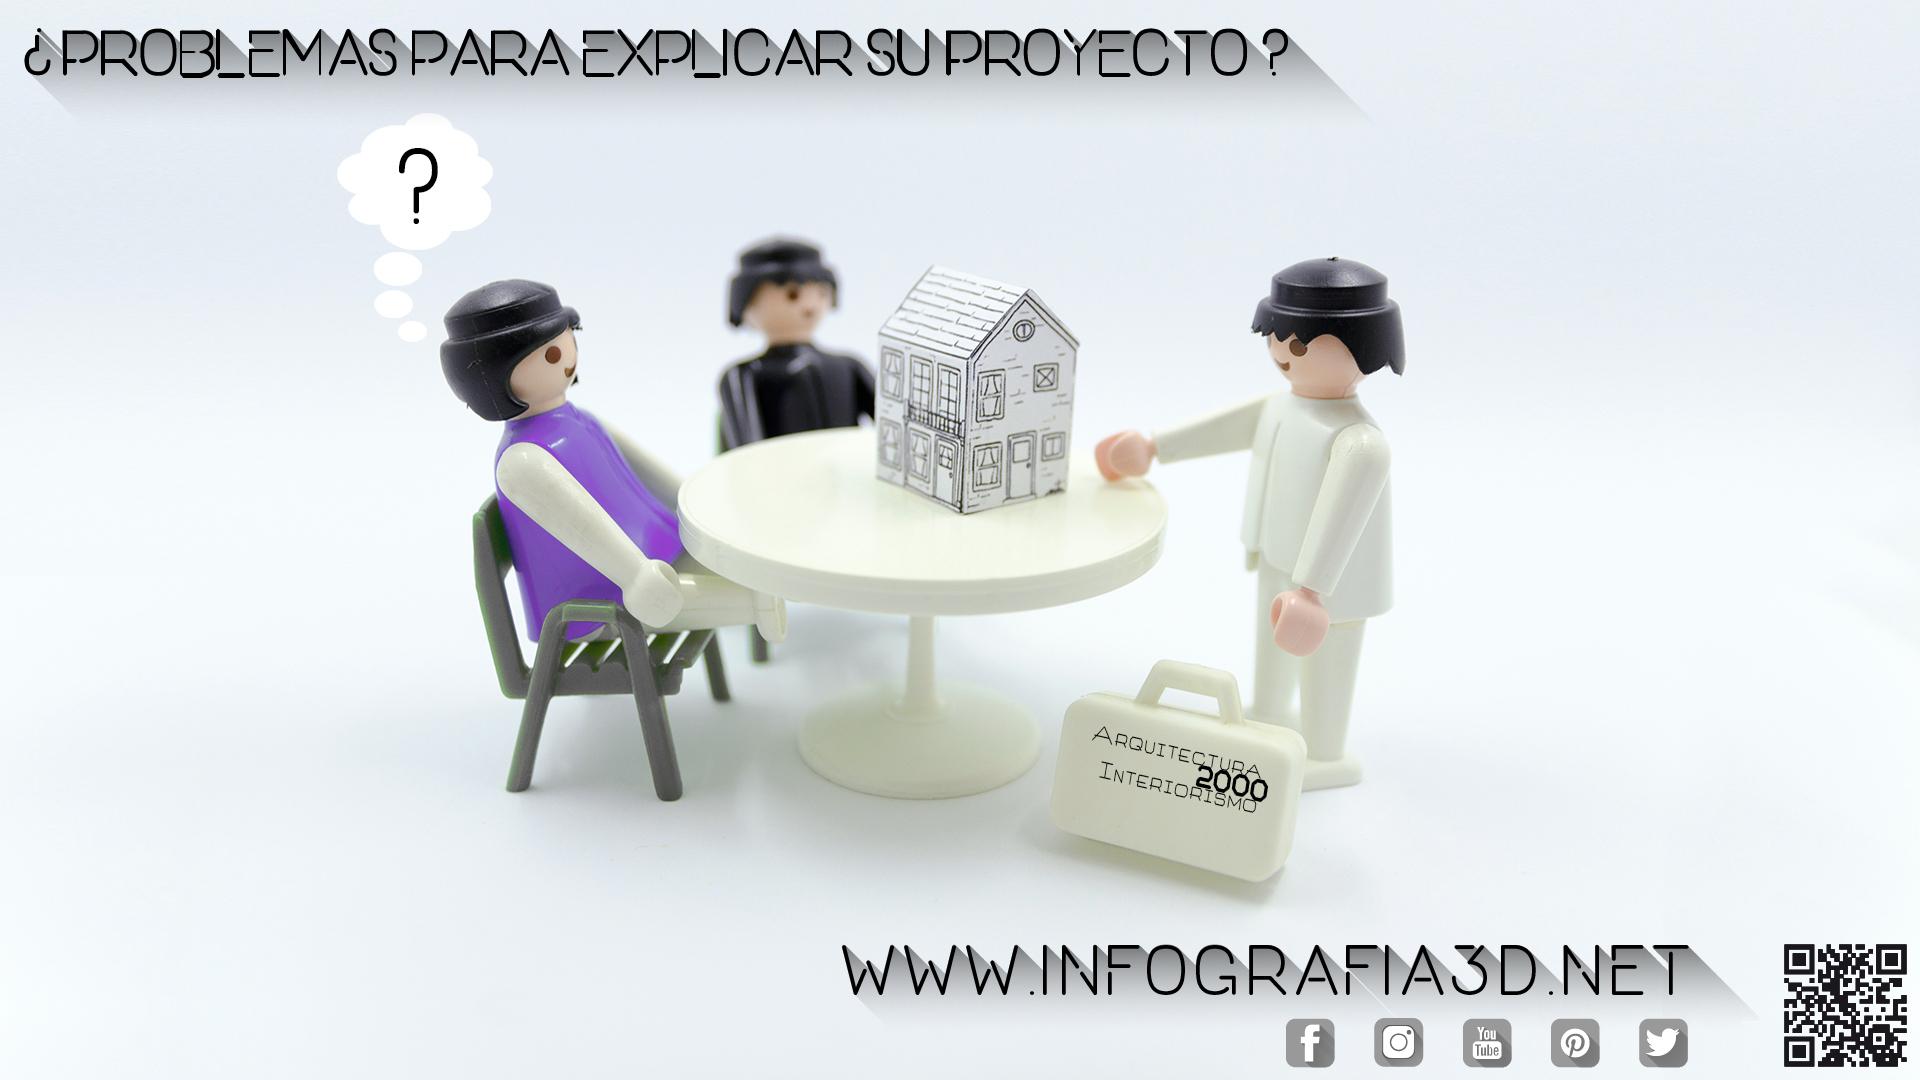 Arquitectura 2000 | Infografia3D